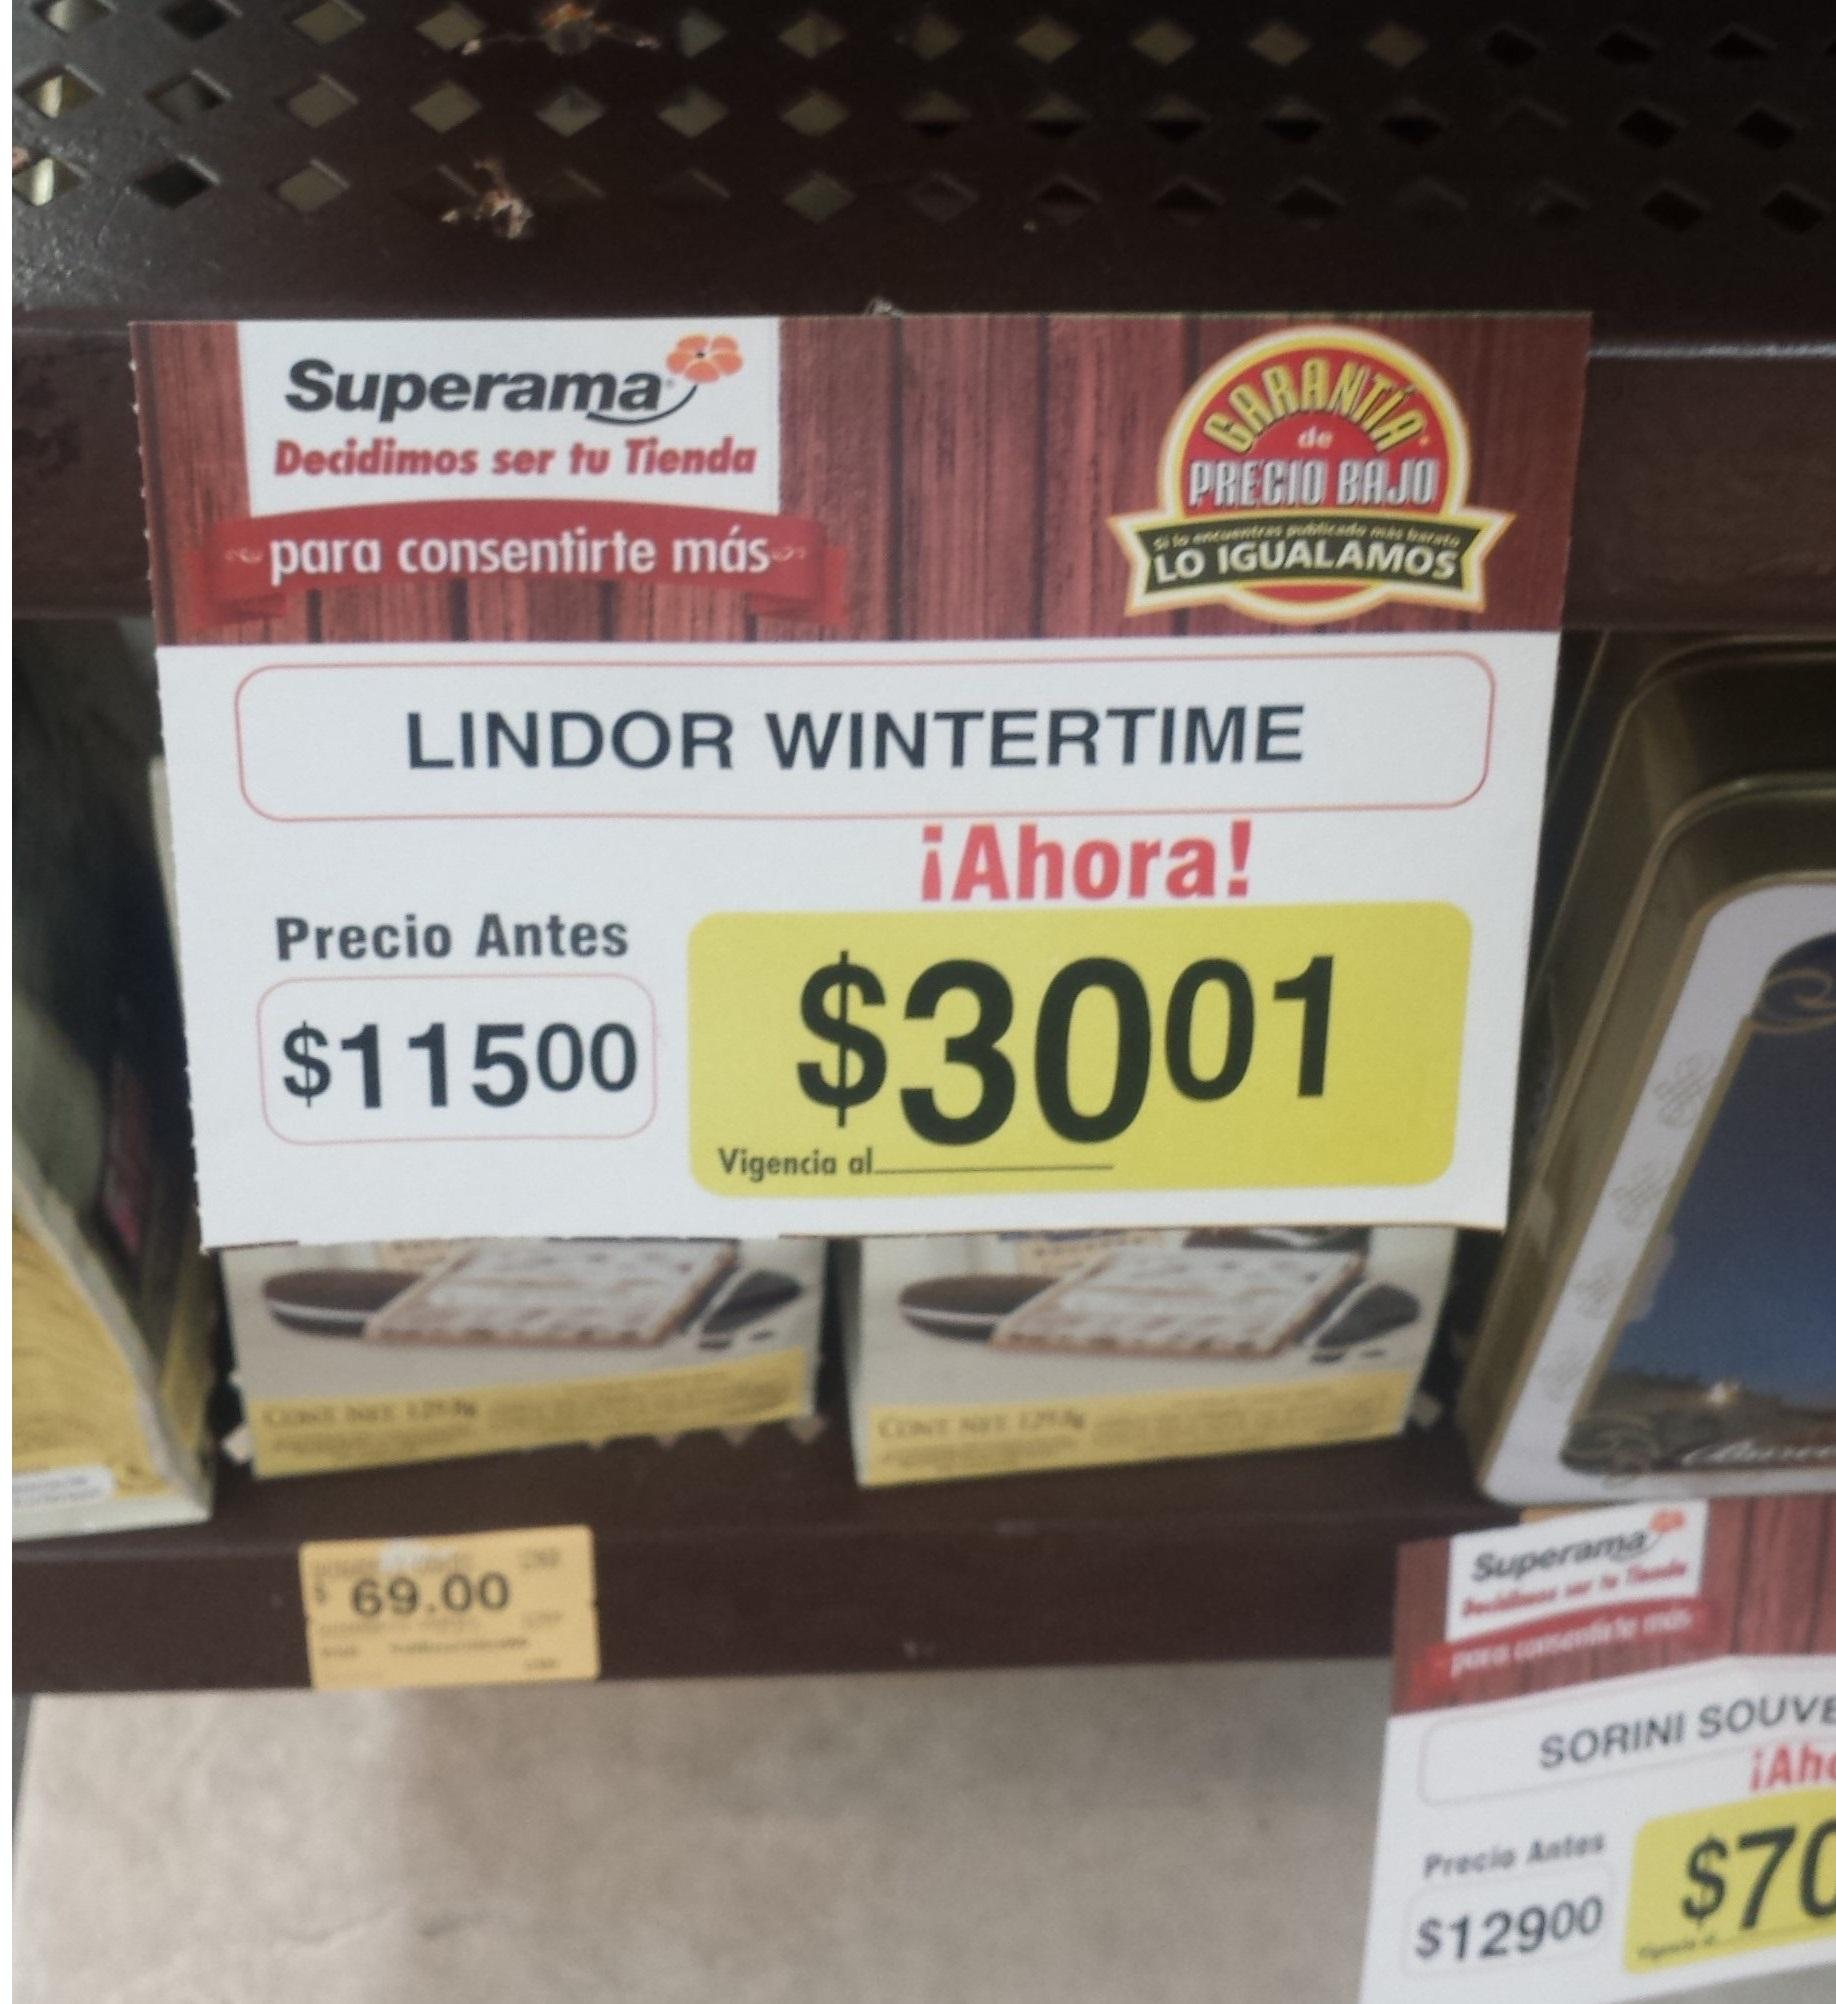 Superama: chocolates lindor $30